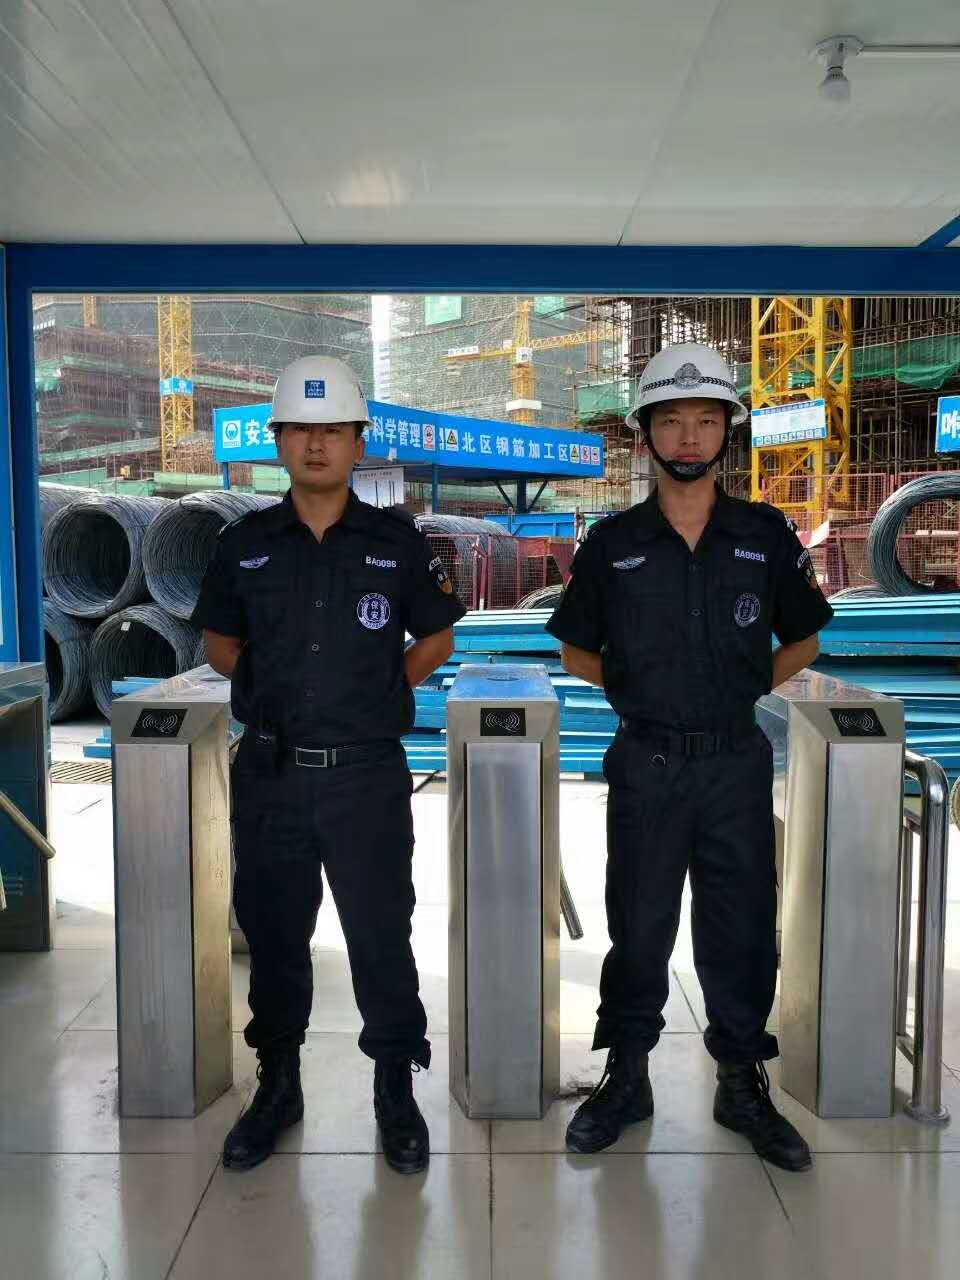 莆田大型活动保安外包服务,保安